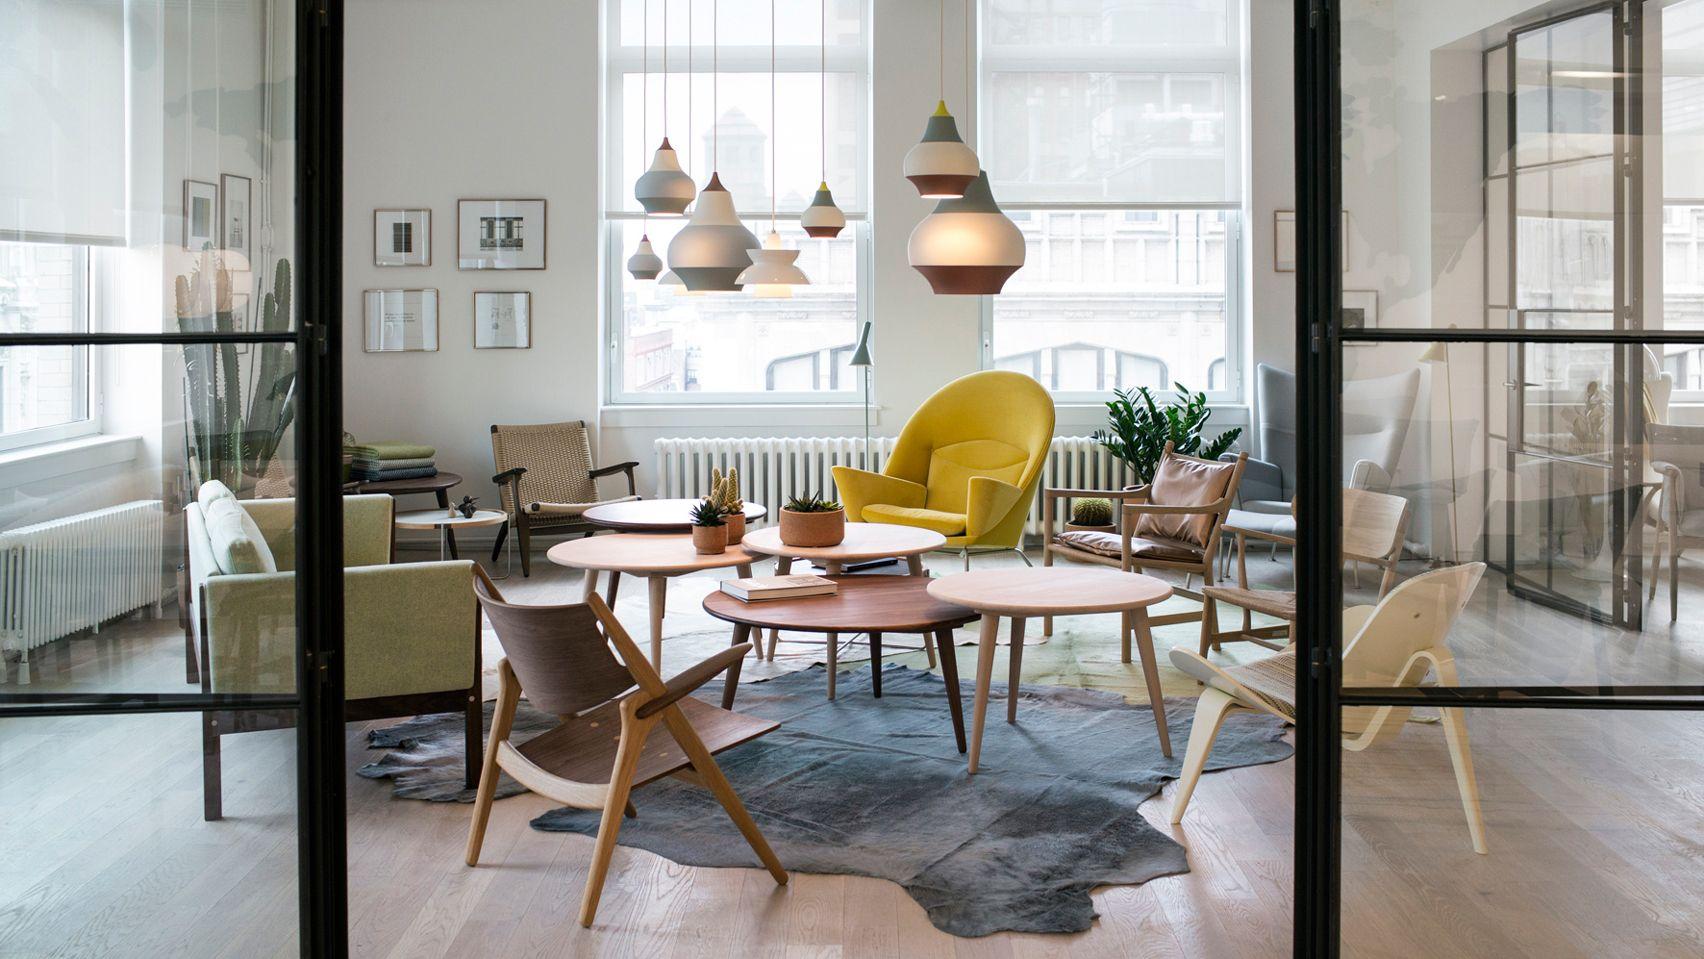 Danish Furniture Brand Carl Hansen U0026 Son Has Relocated Its Showroom In  Manhattan, Filling A